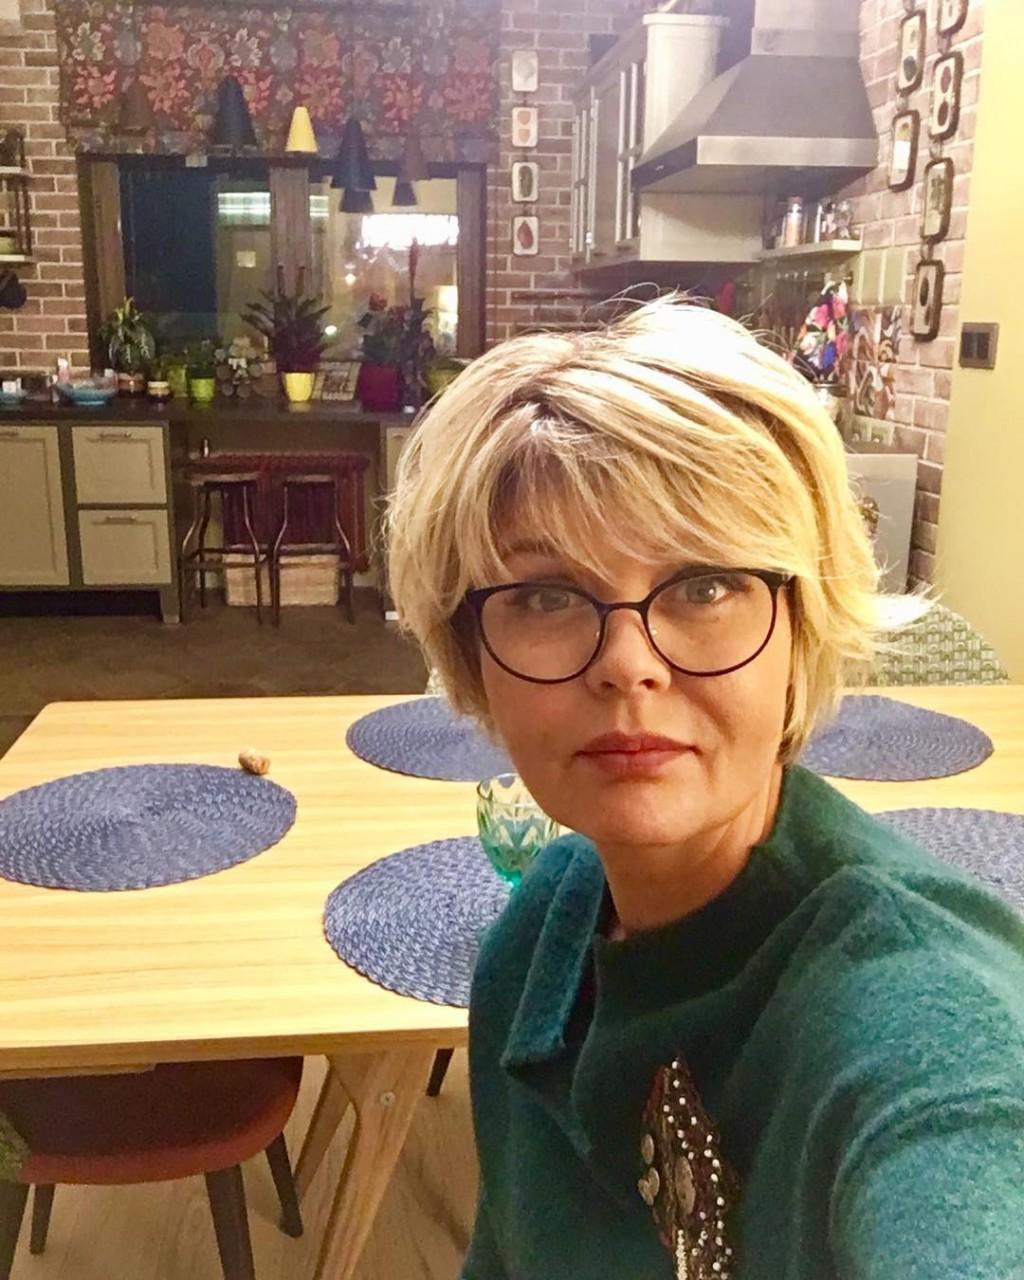 Юлия Меньшова нашла новый способ заработать денег: телеведущая показала интерьер своей квартиры